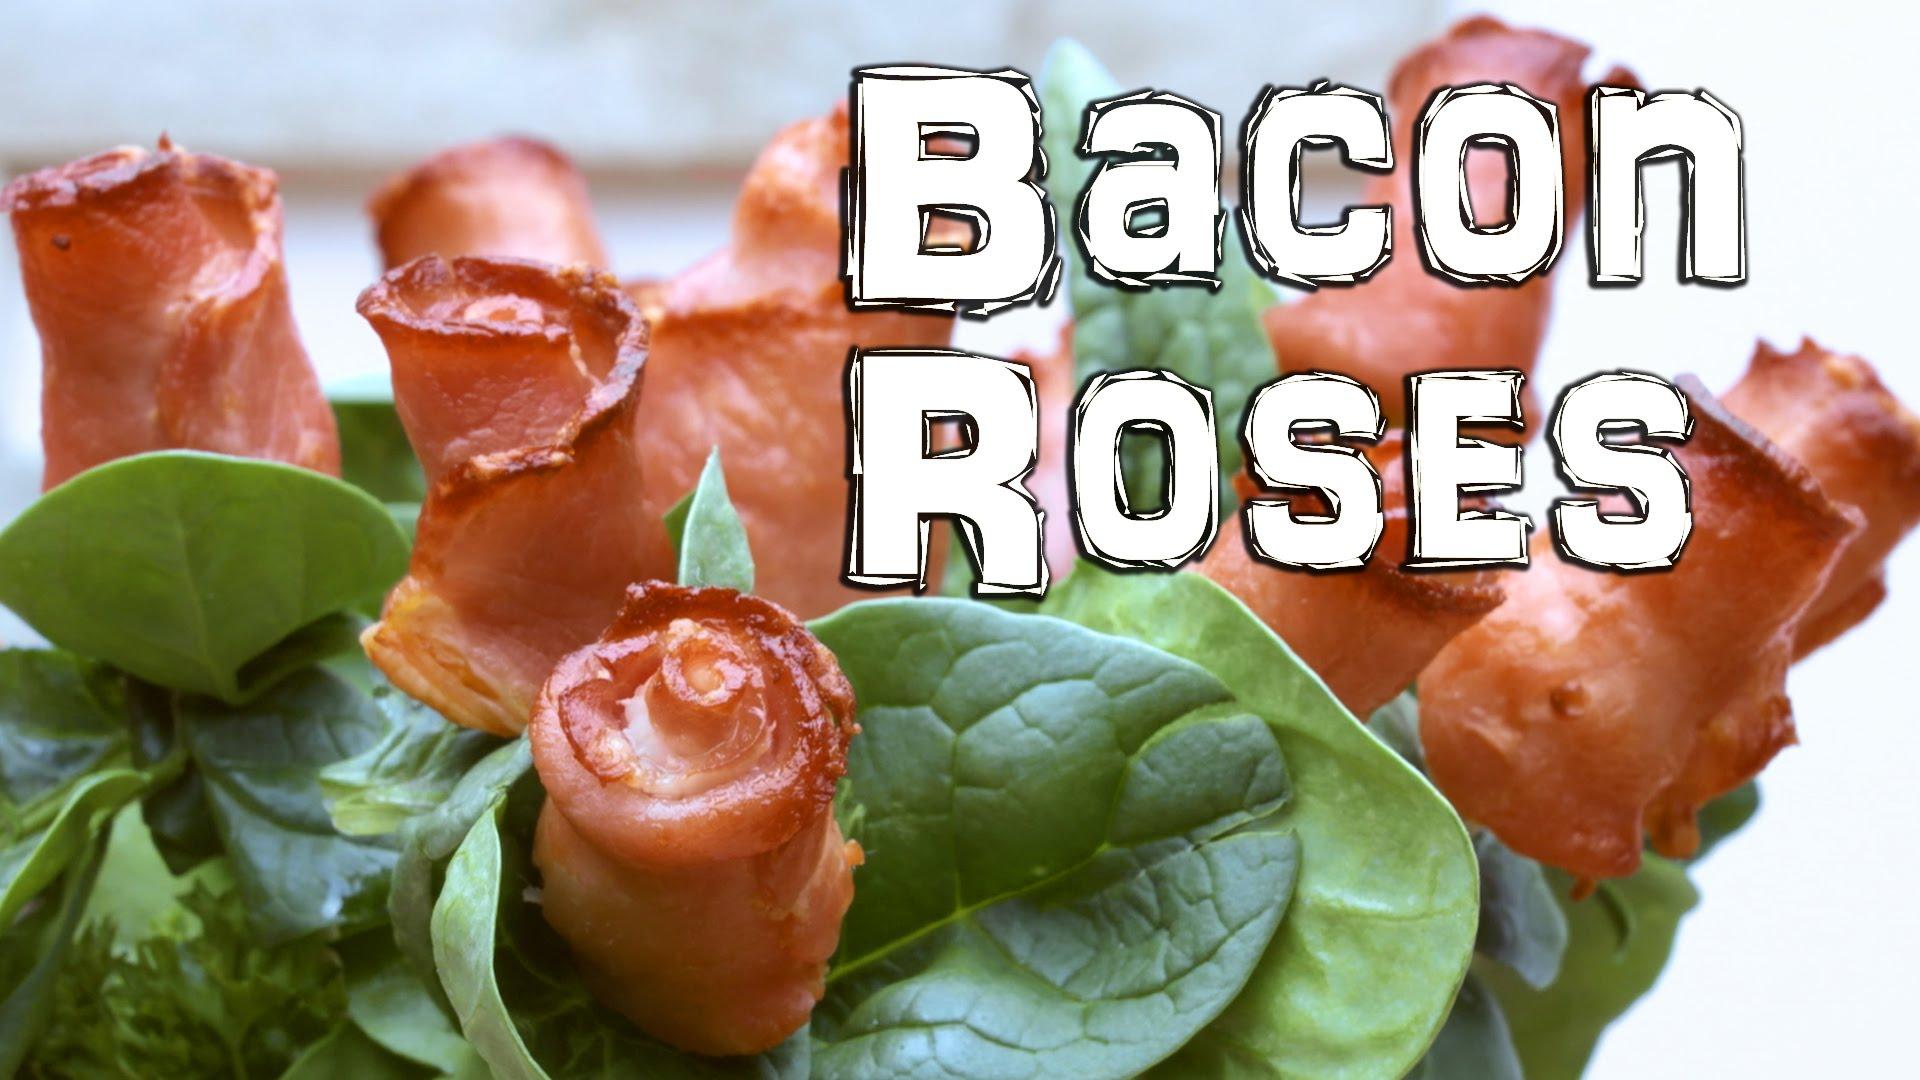 「肉食者天堂:『培根』玫瑰輕鬆做!」- How to Make Bacon Roses